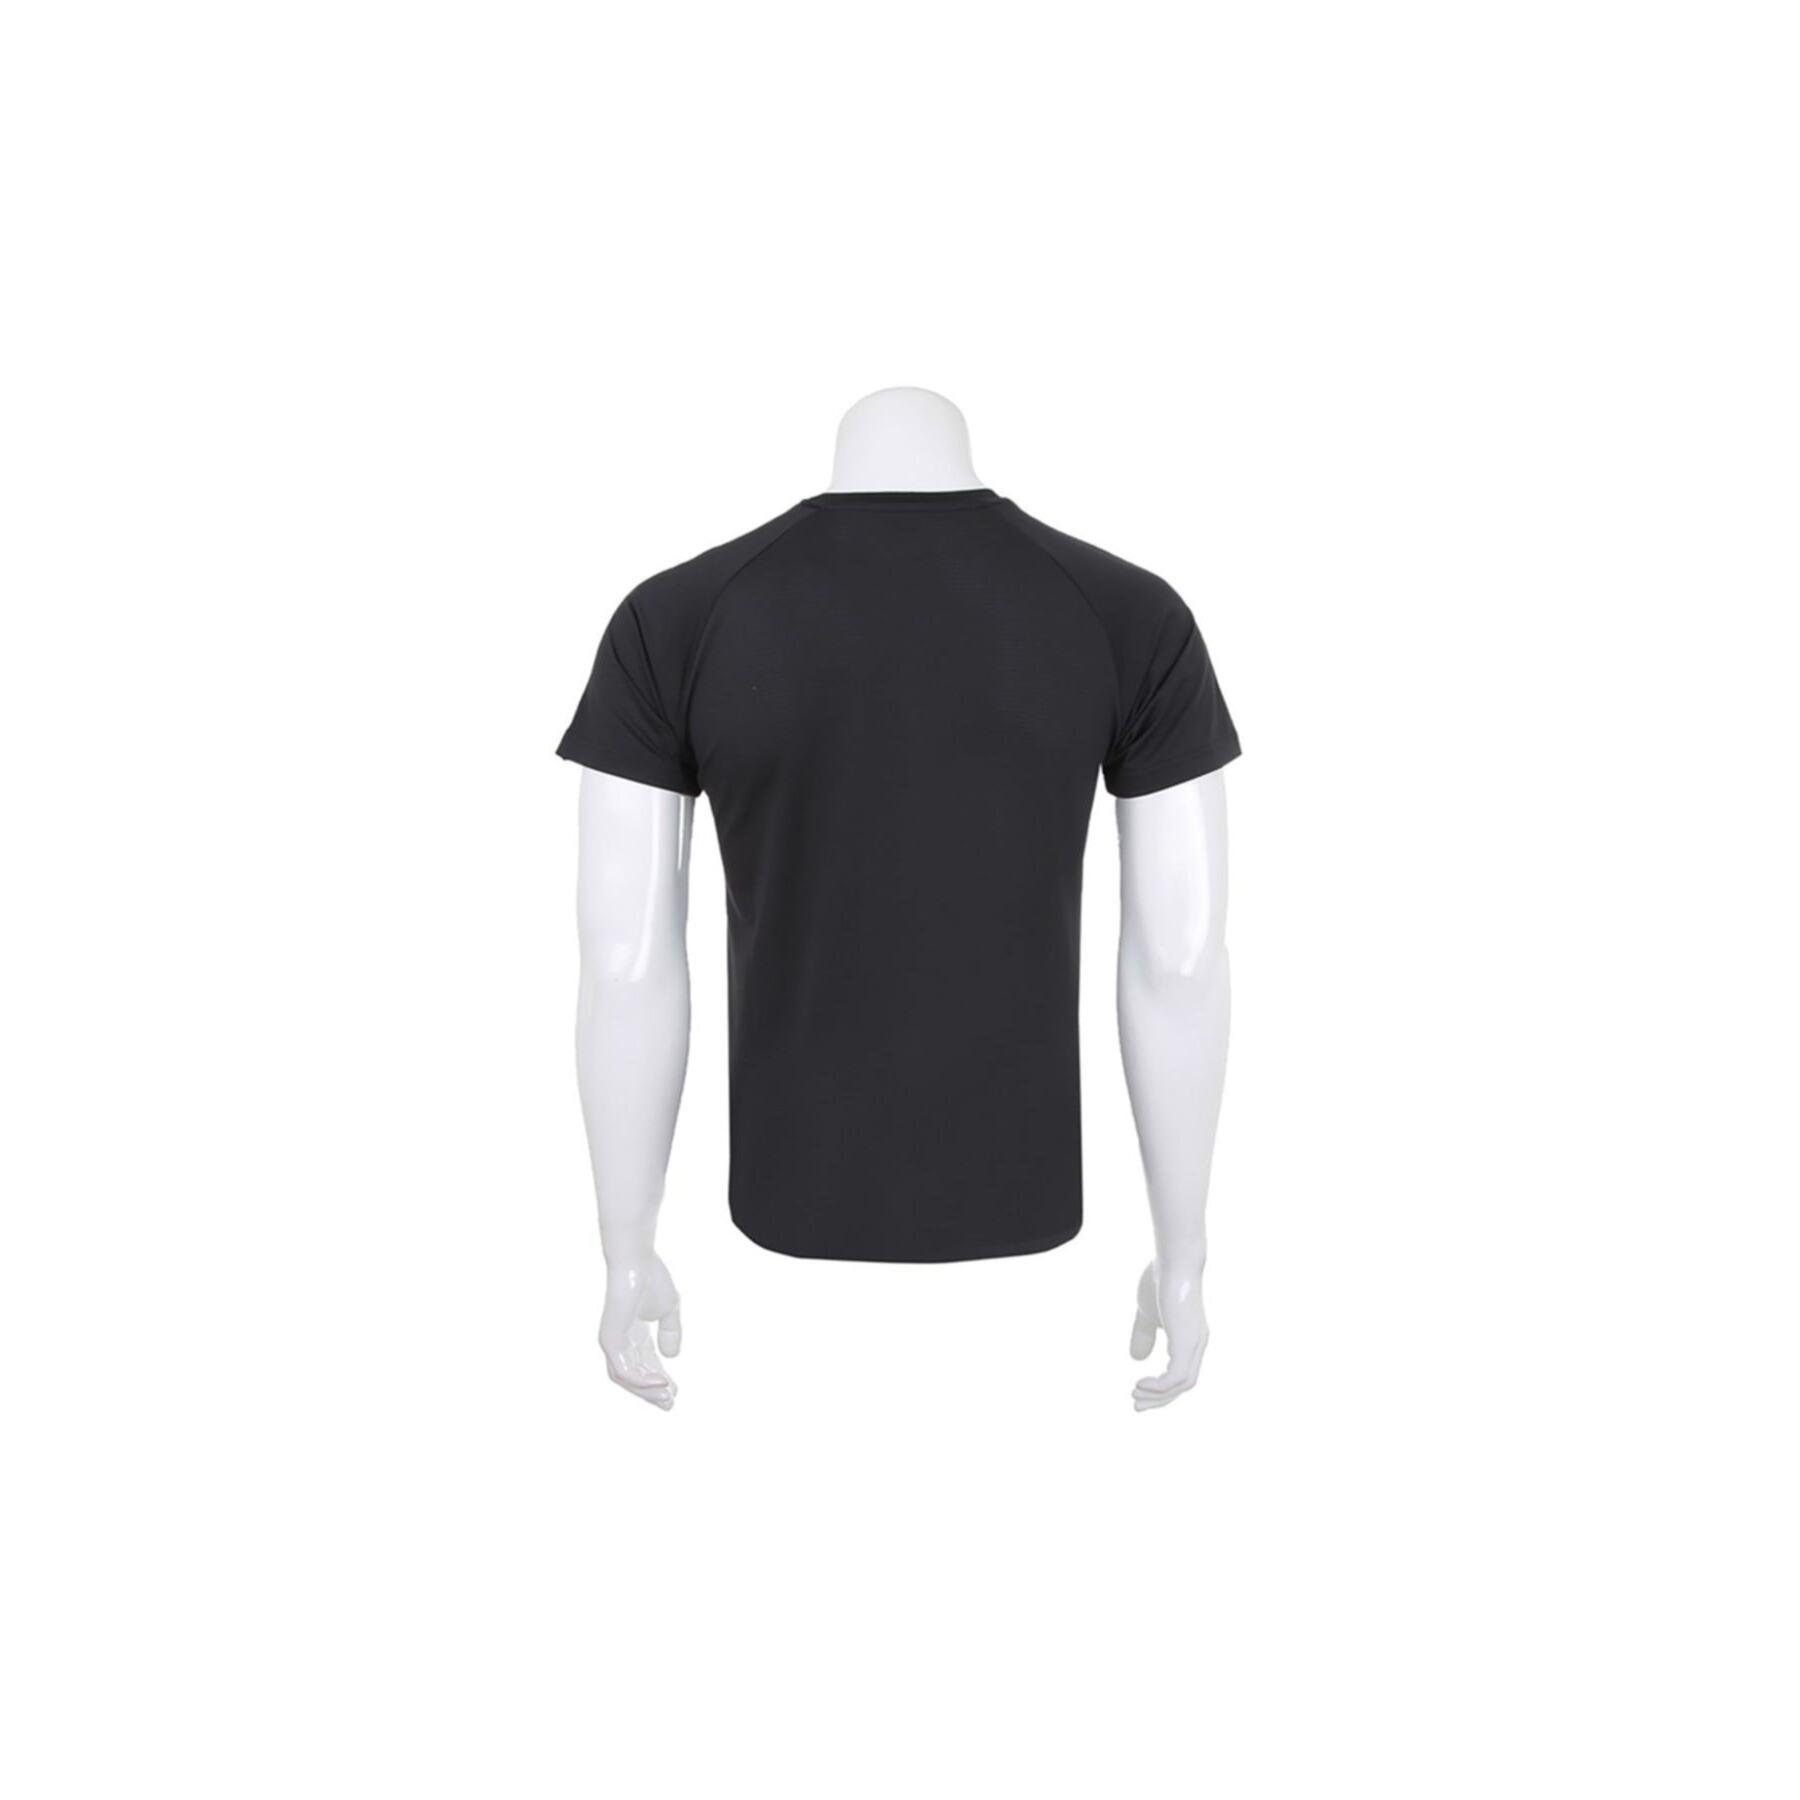 Denise Erkek Siyah Antrenman Tişörtü